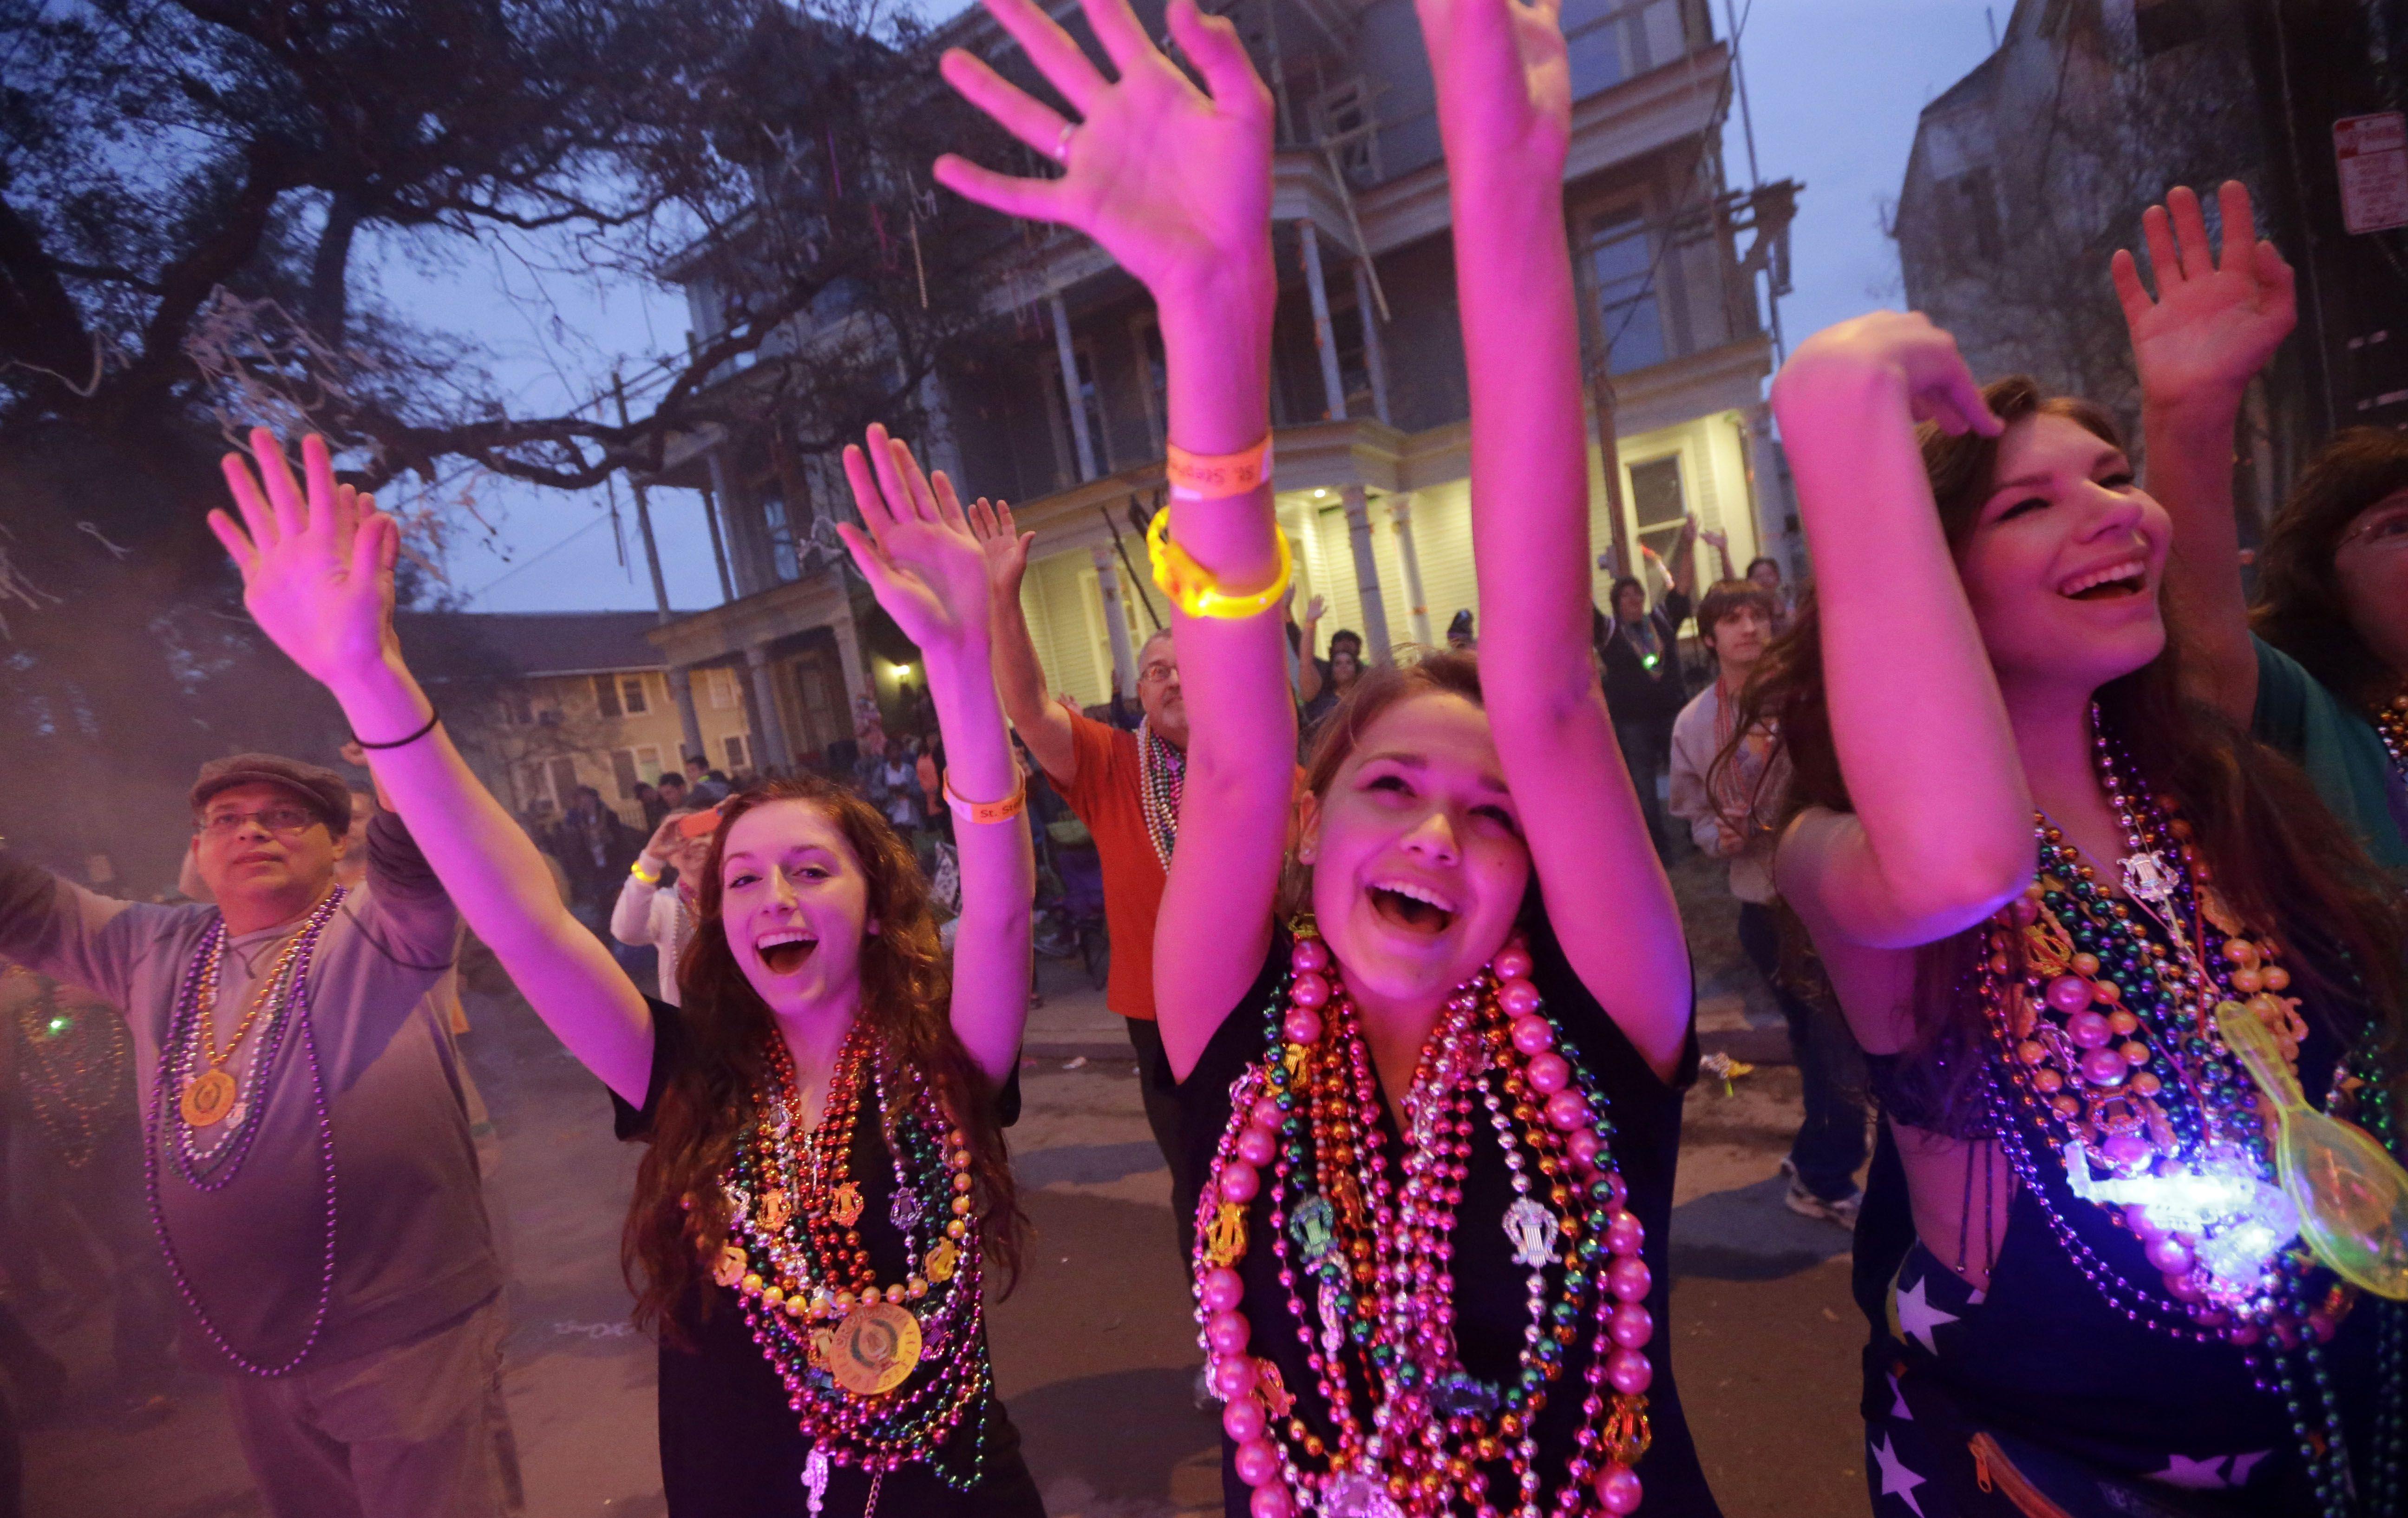 Bailes de gala y desfiles en el Mardi Gras